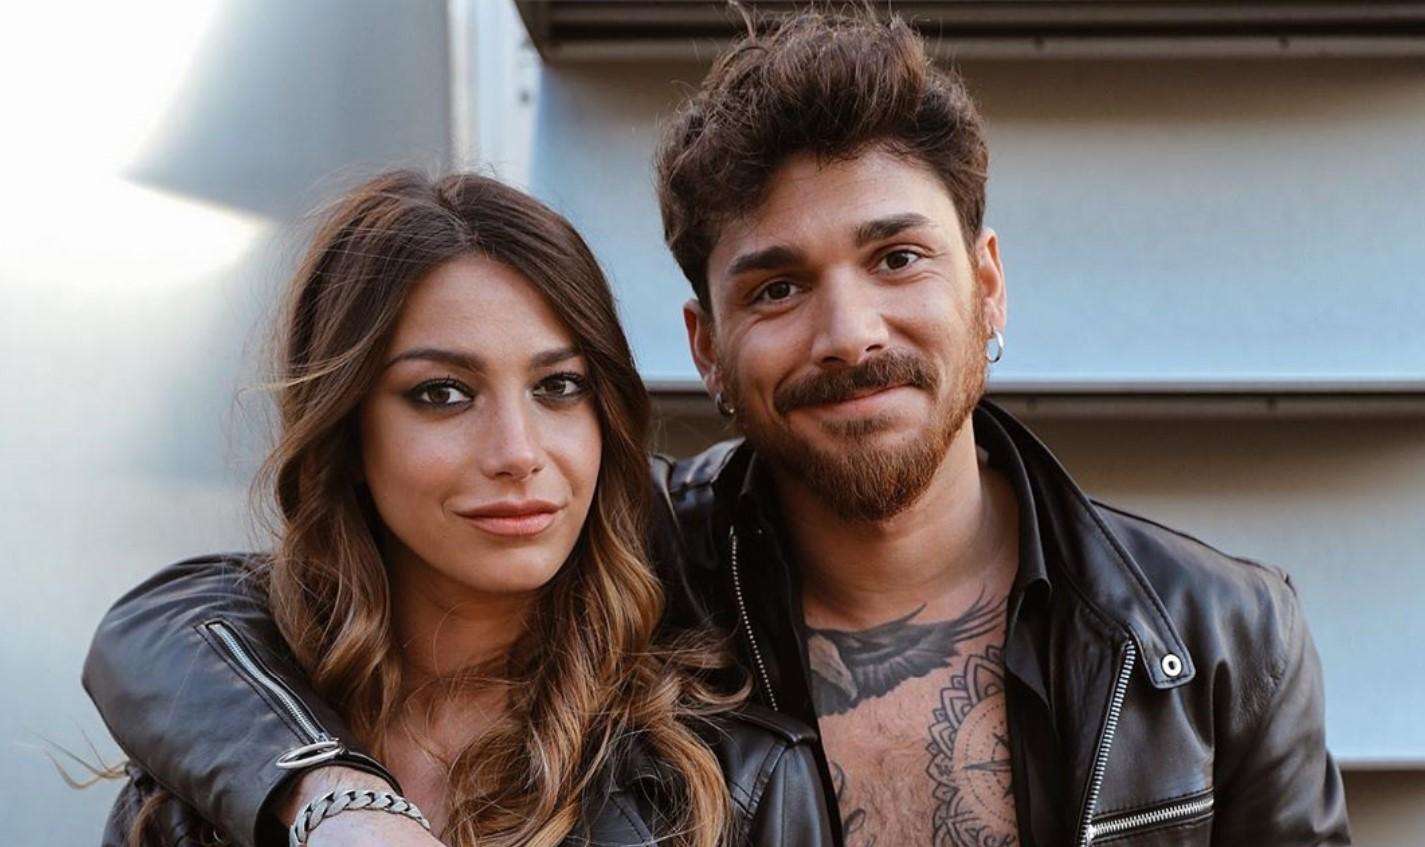 Uomini e Donne gossip, Andrea Cerioli e Arianna Cirrincione: l'annuncio che coglie tutti di sorpresa